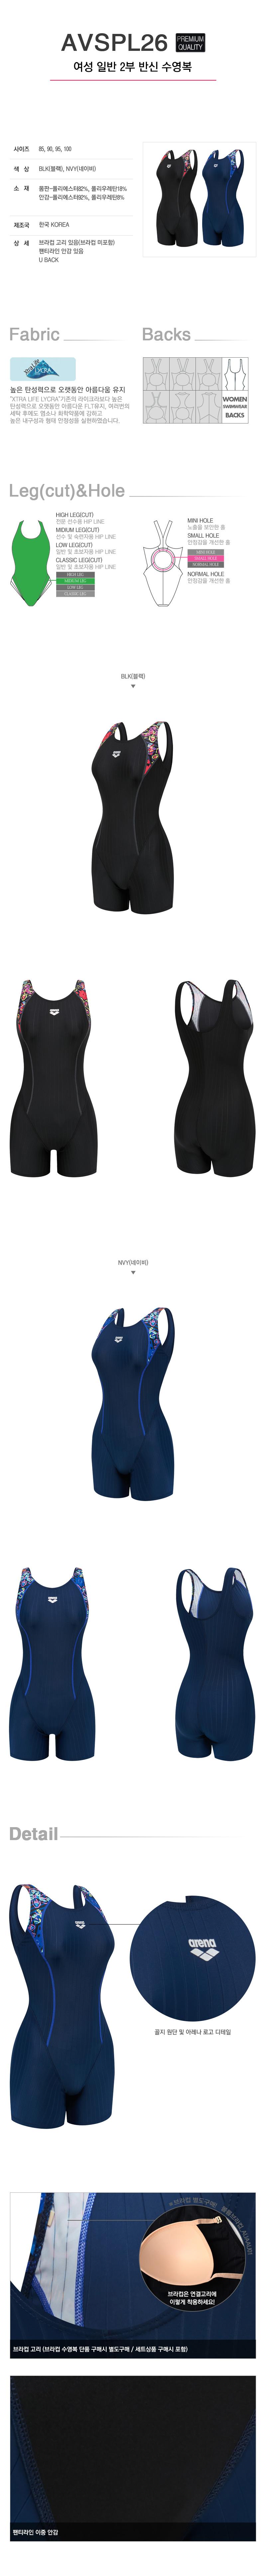 아레나(ARENA) 여성 2부반신 수영복세트 AVSPL26A500